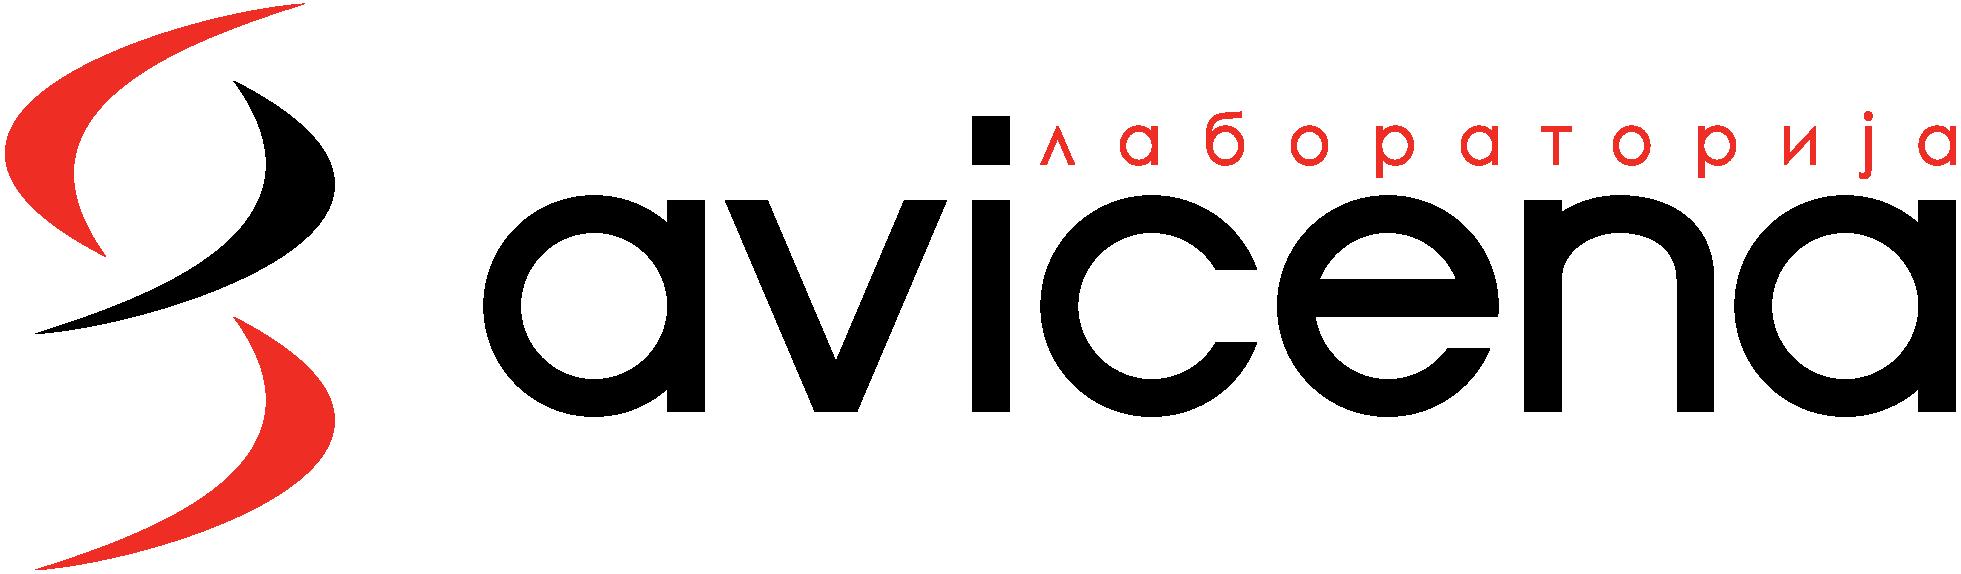 Авицена